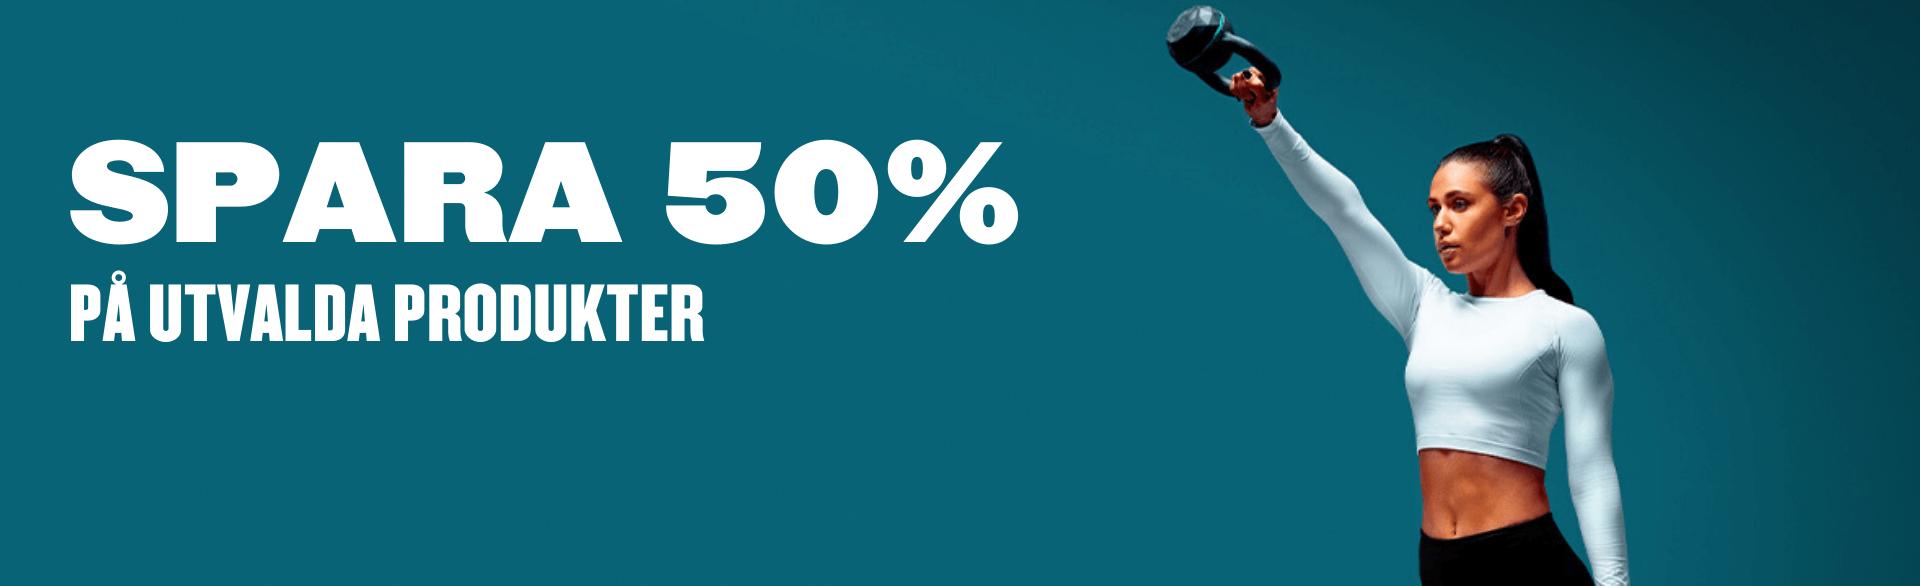 50% på utvalda produkter + 28% på annat